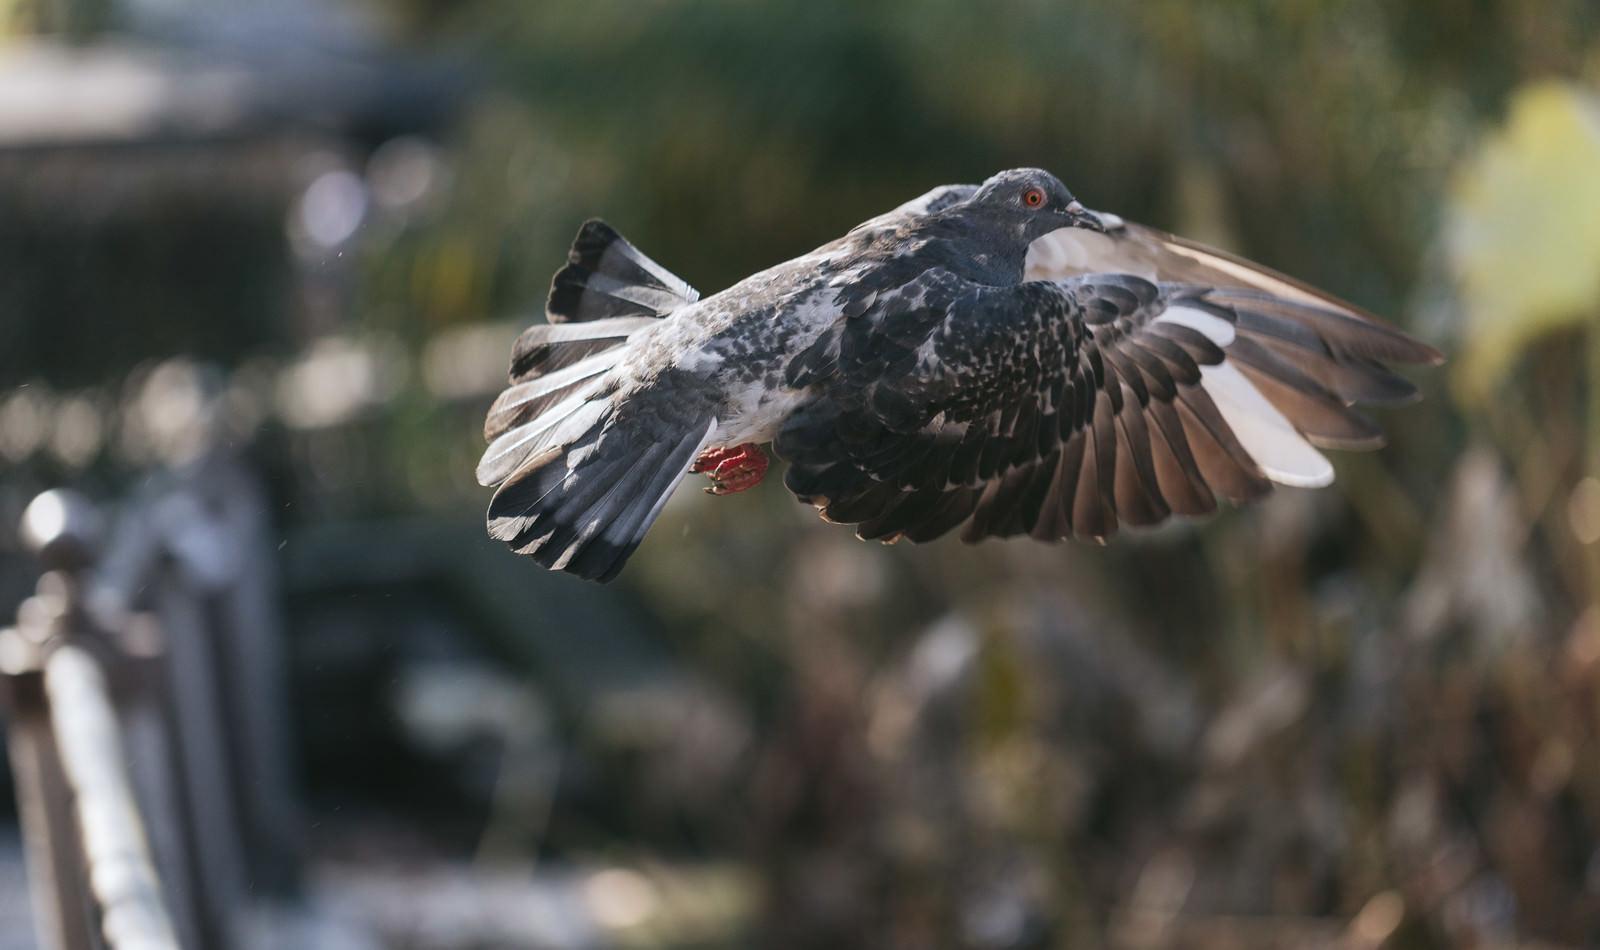 「飛び立つ鳩飛び立つ鳩」のフリー写真素材を拡大